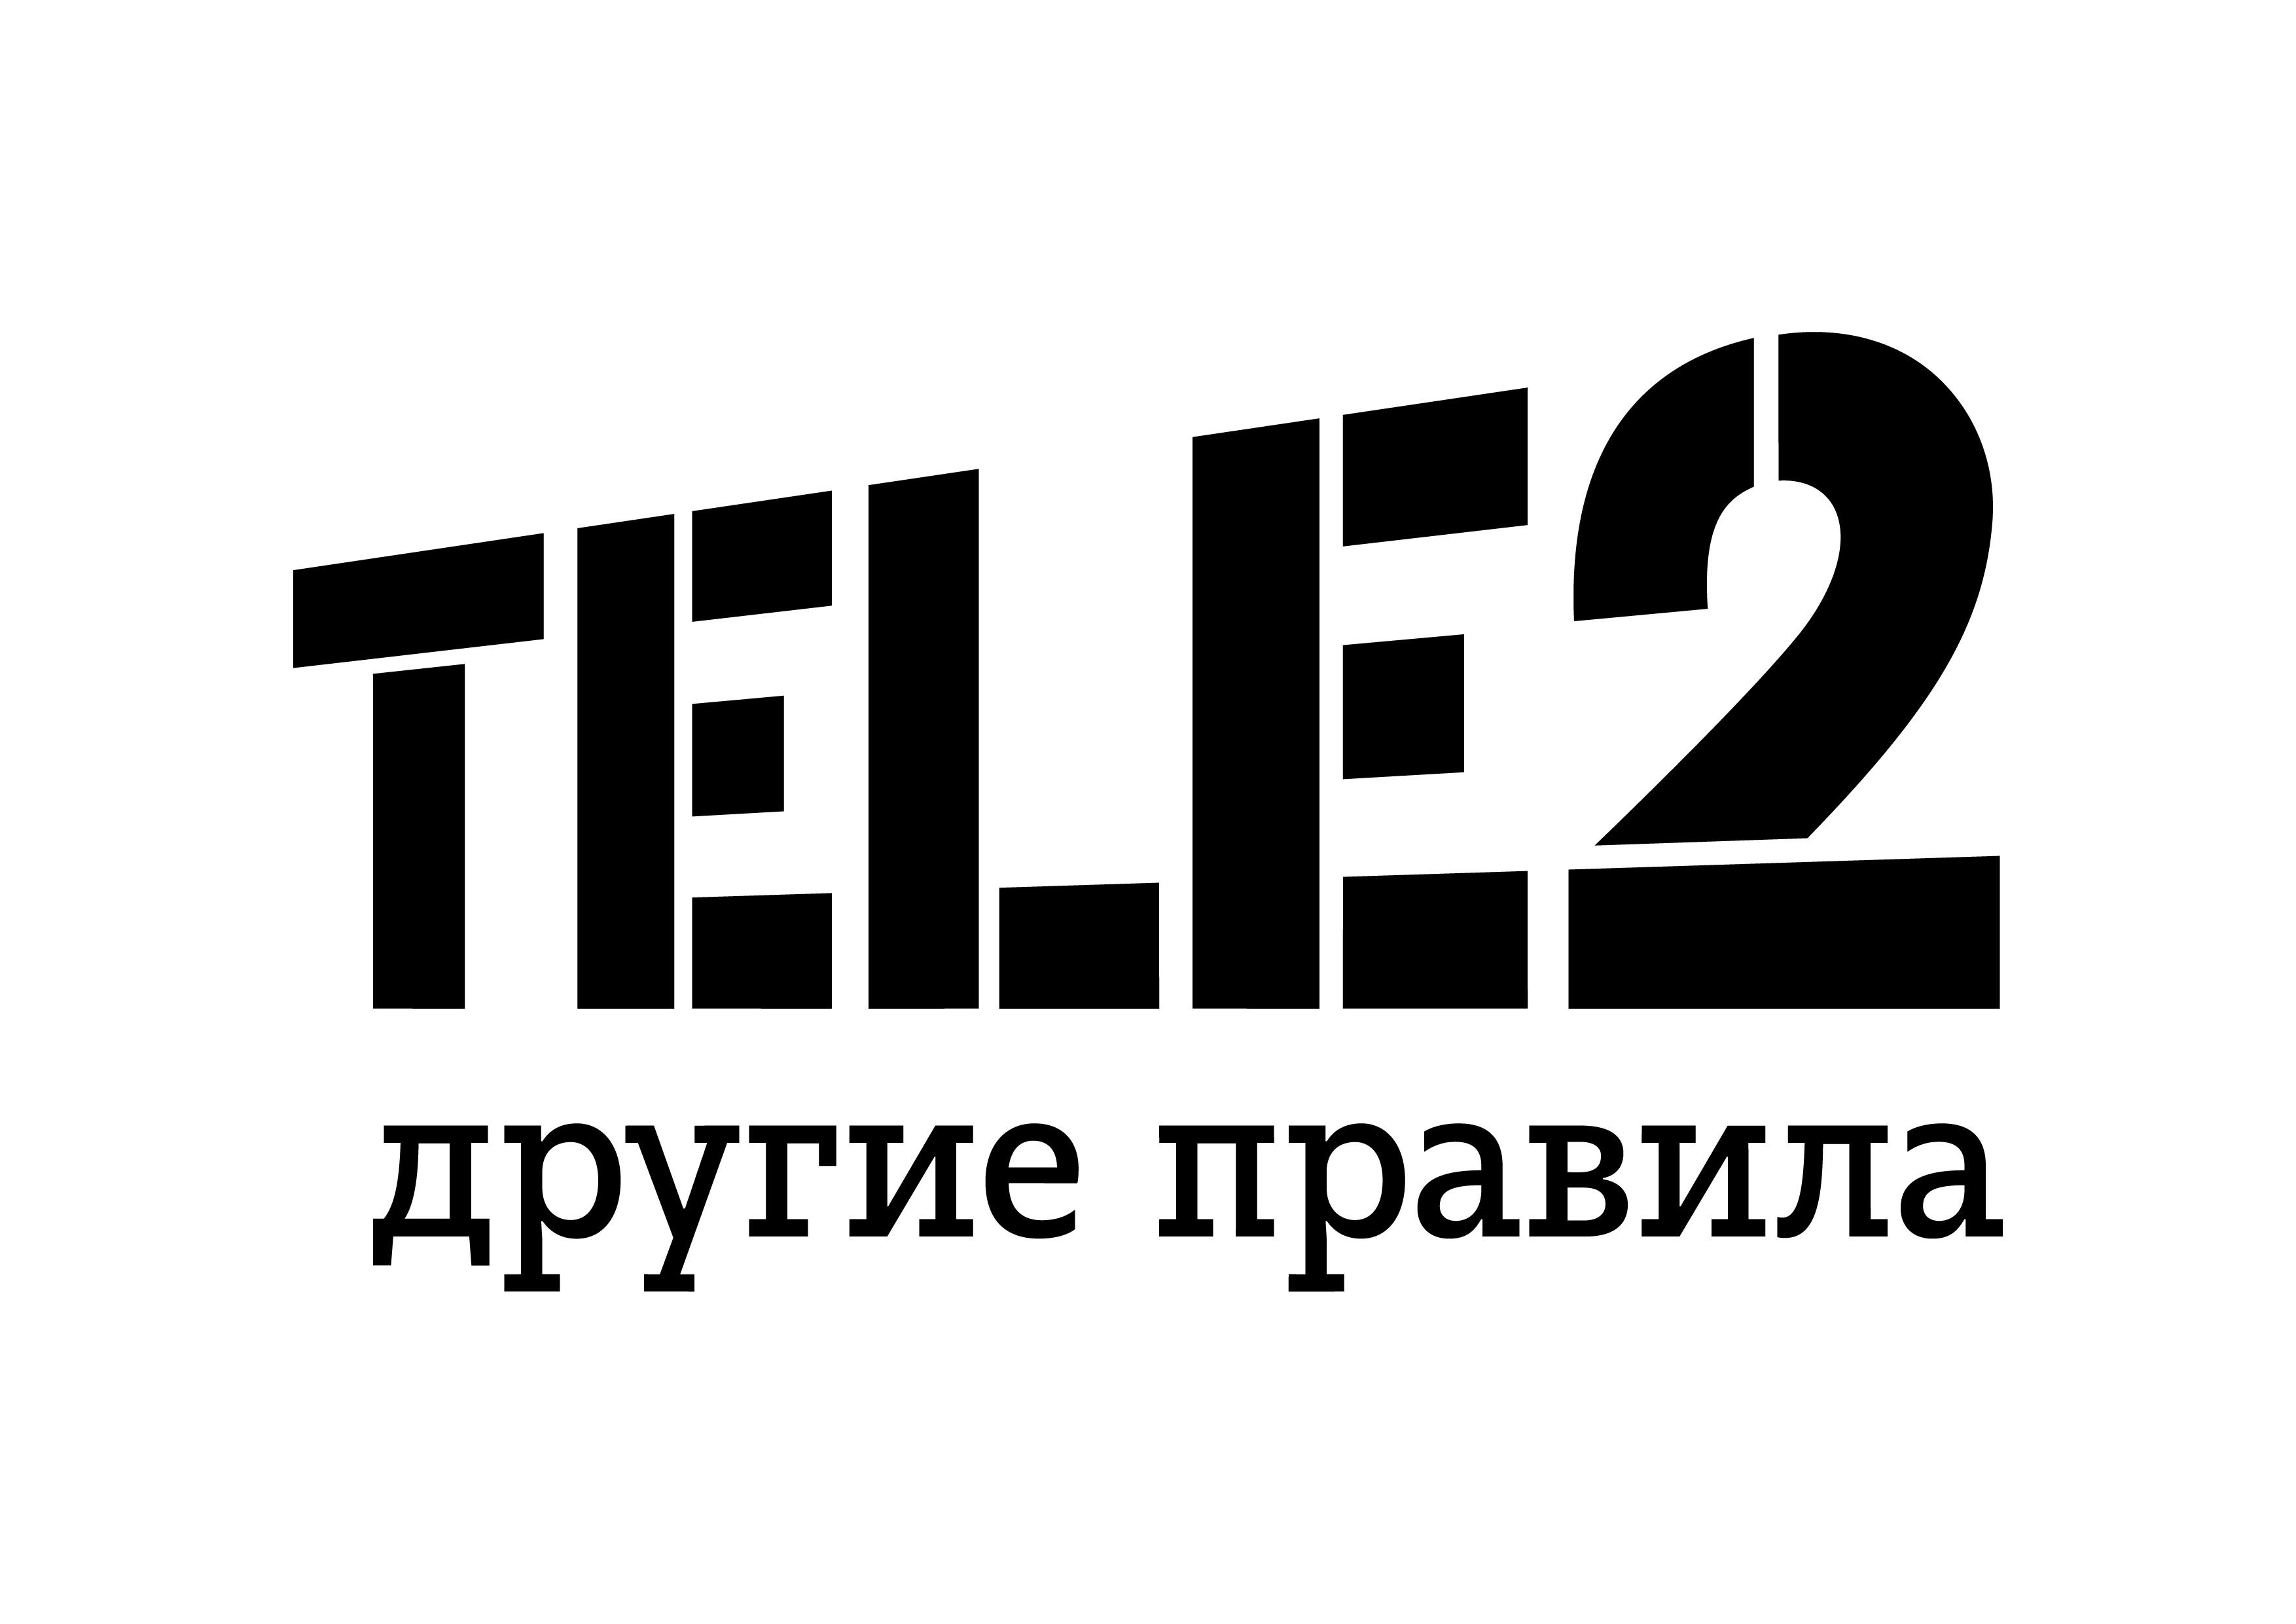 Tele2, оператор мобильной связи в России, завершает работу по отмене внутрисетевого роуминга, опе